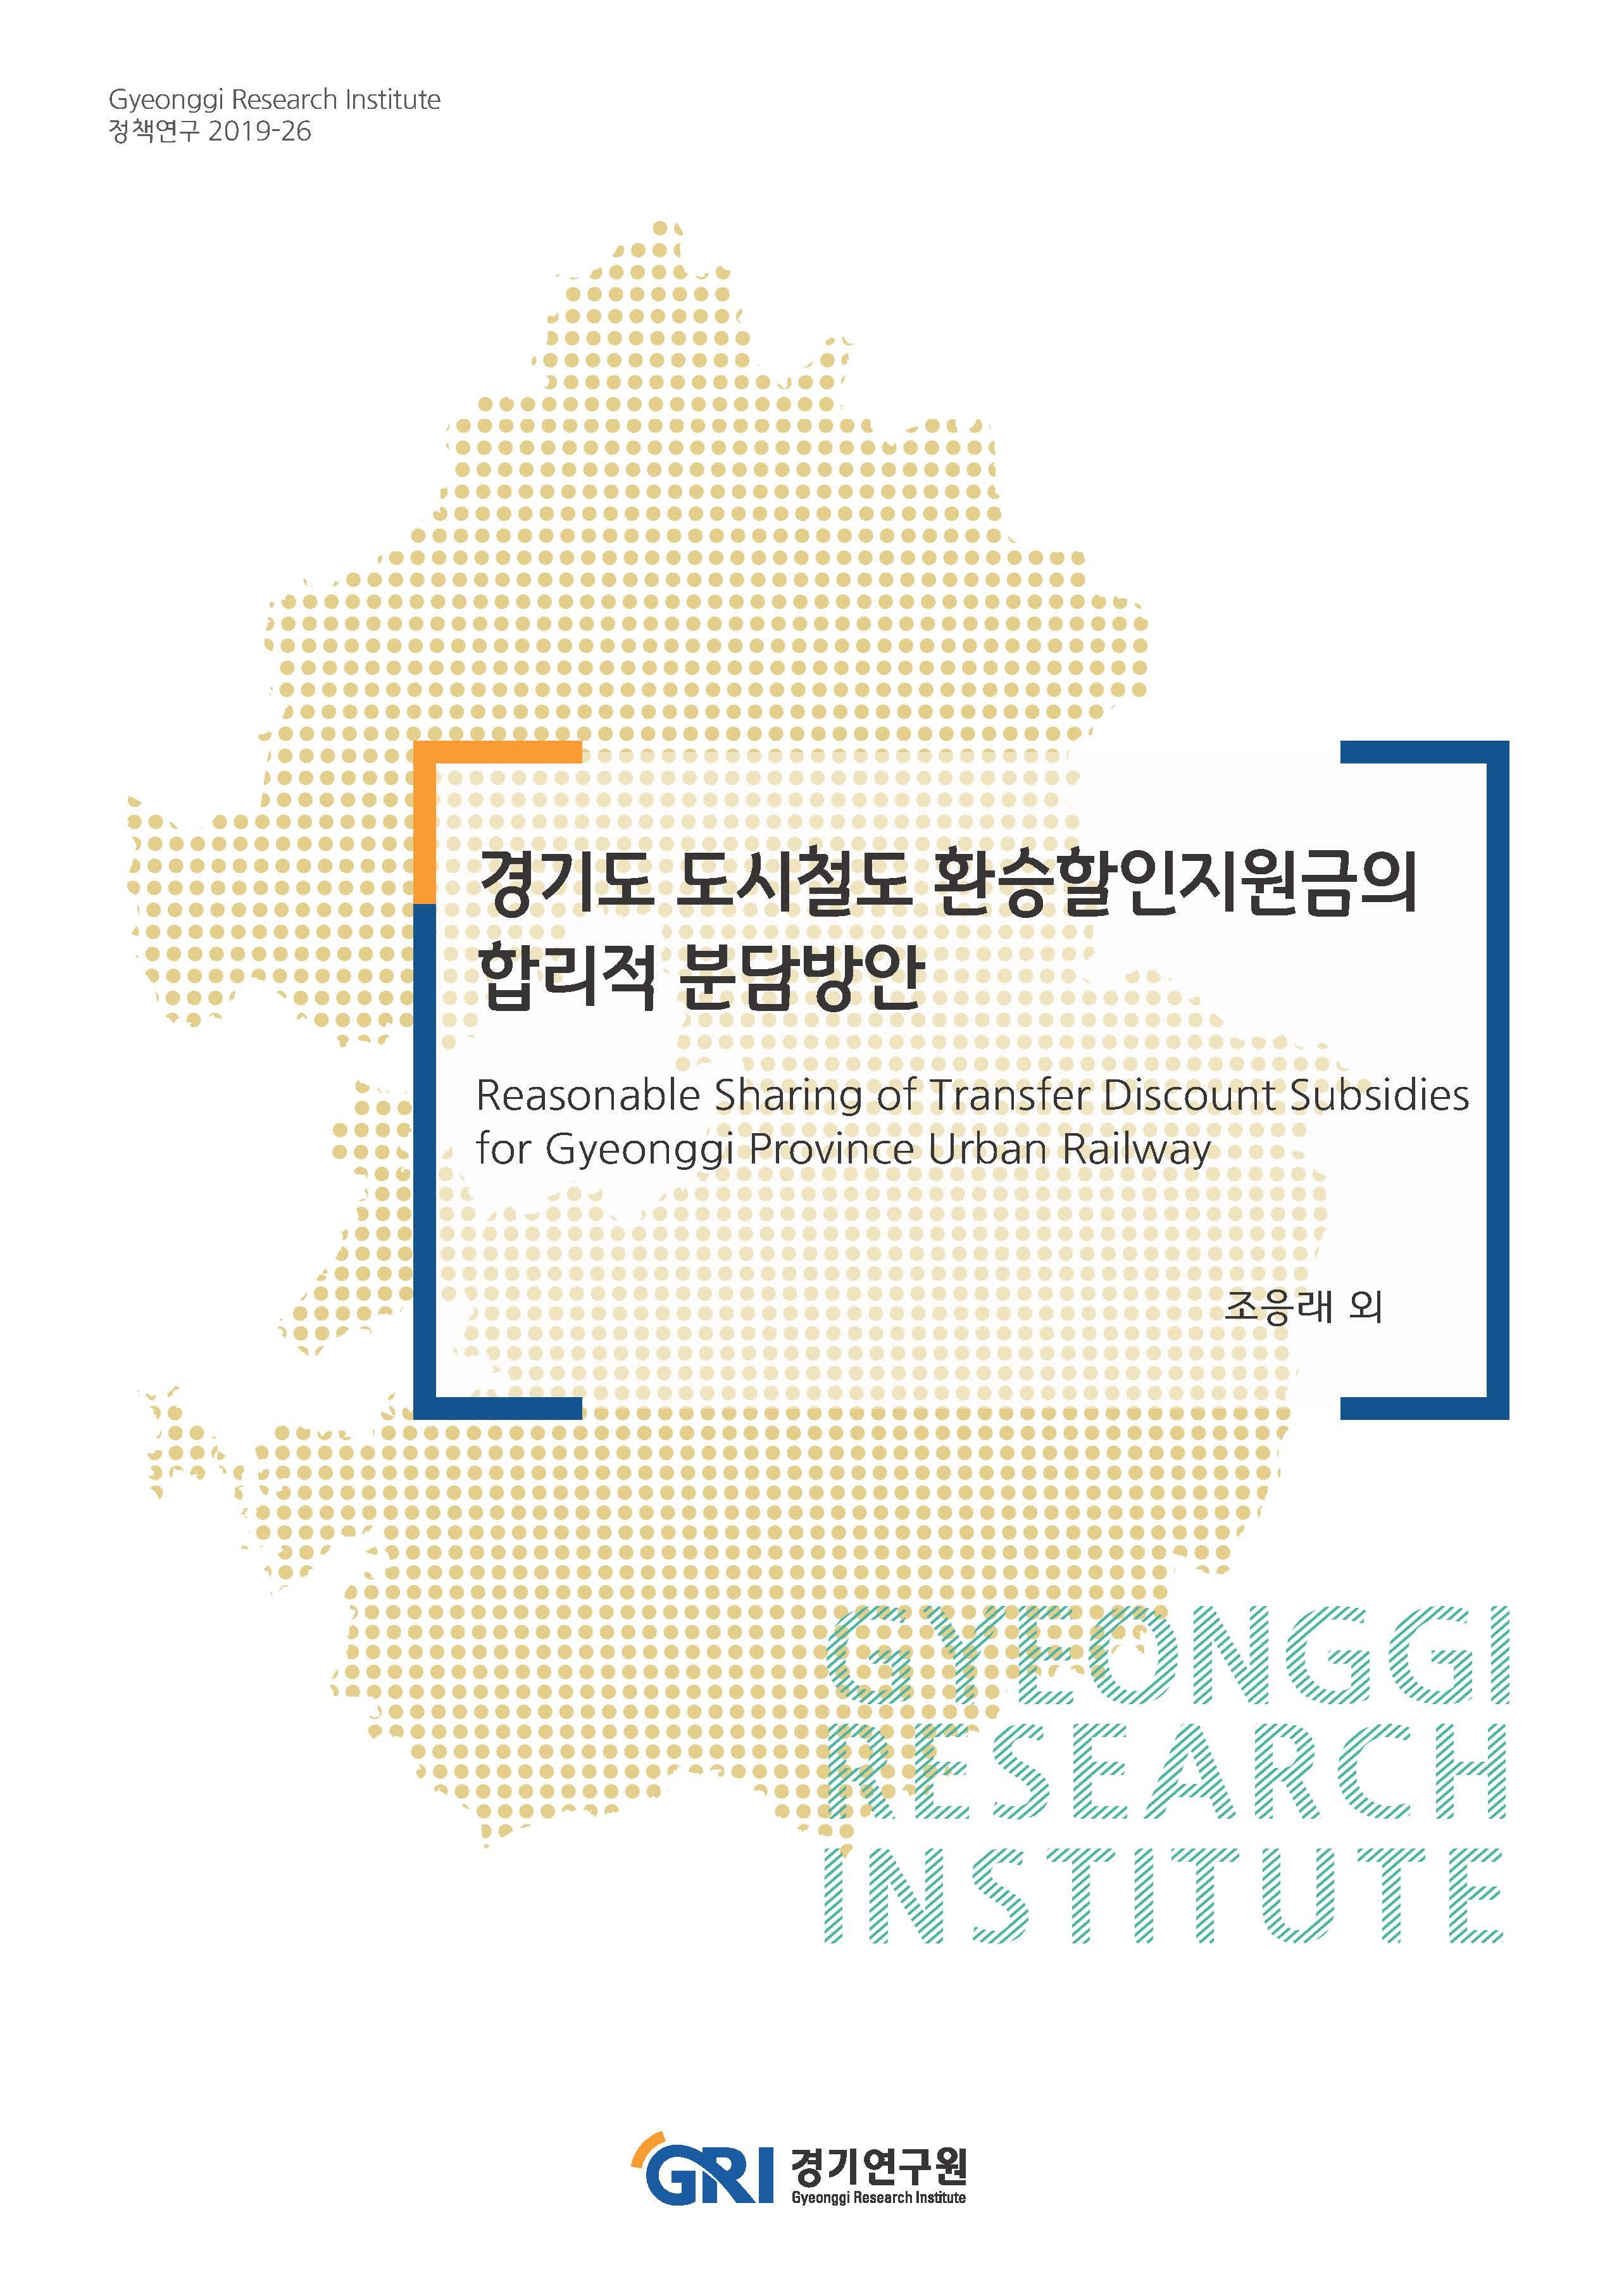 경기도 도시철도 환승할인지원금의 합리적 분담방안